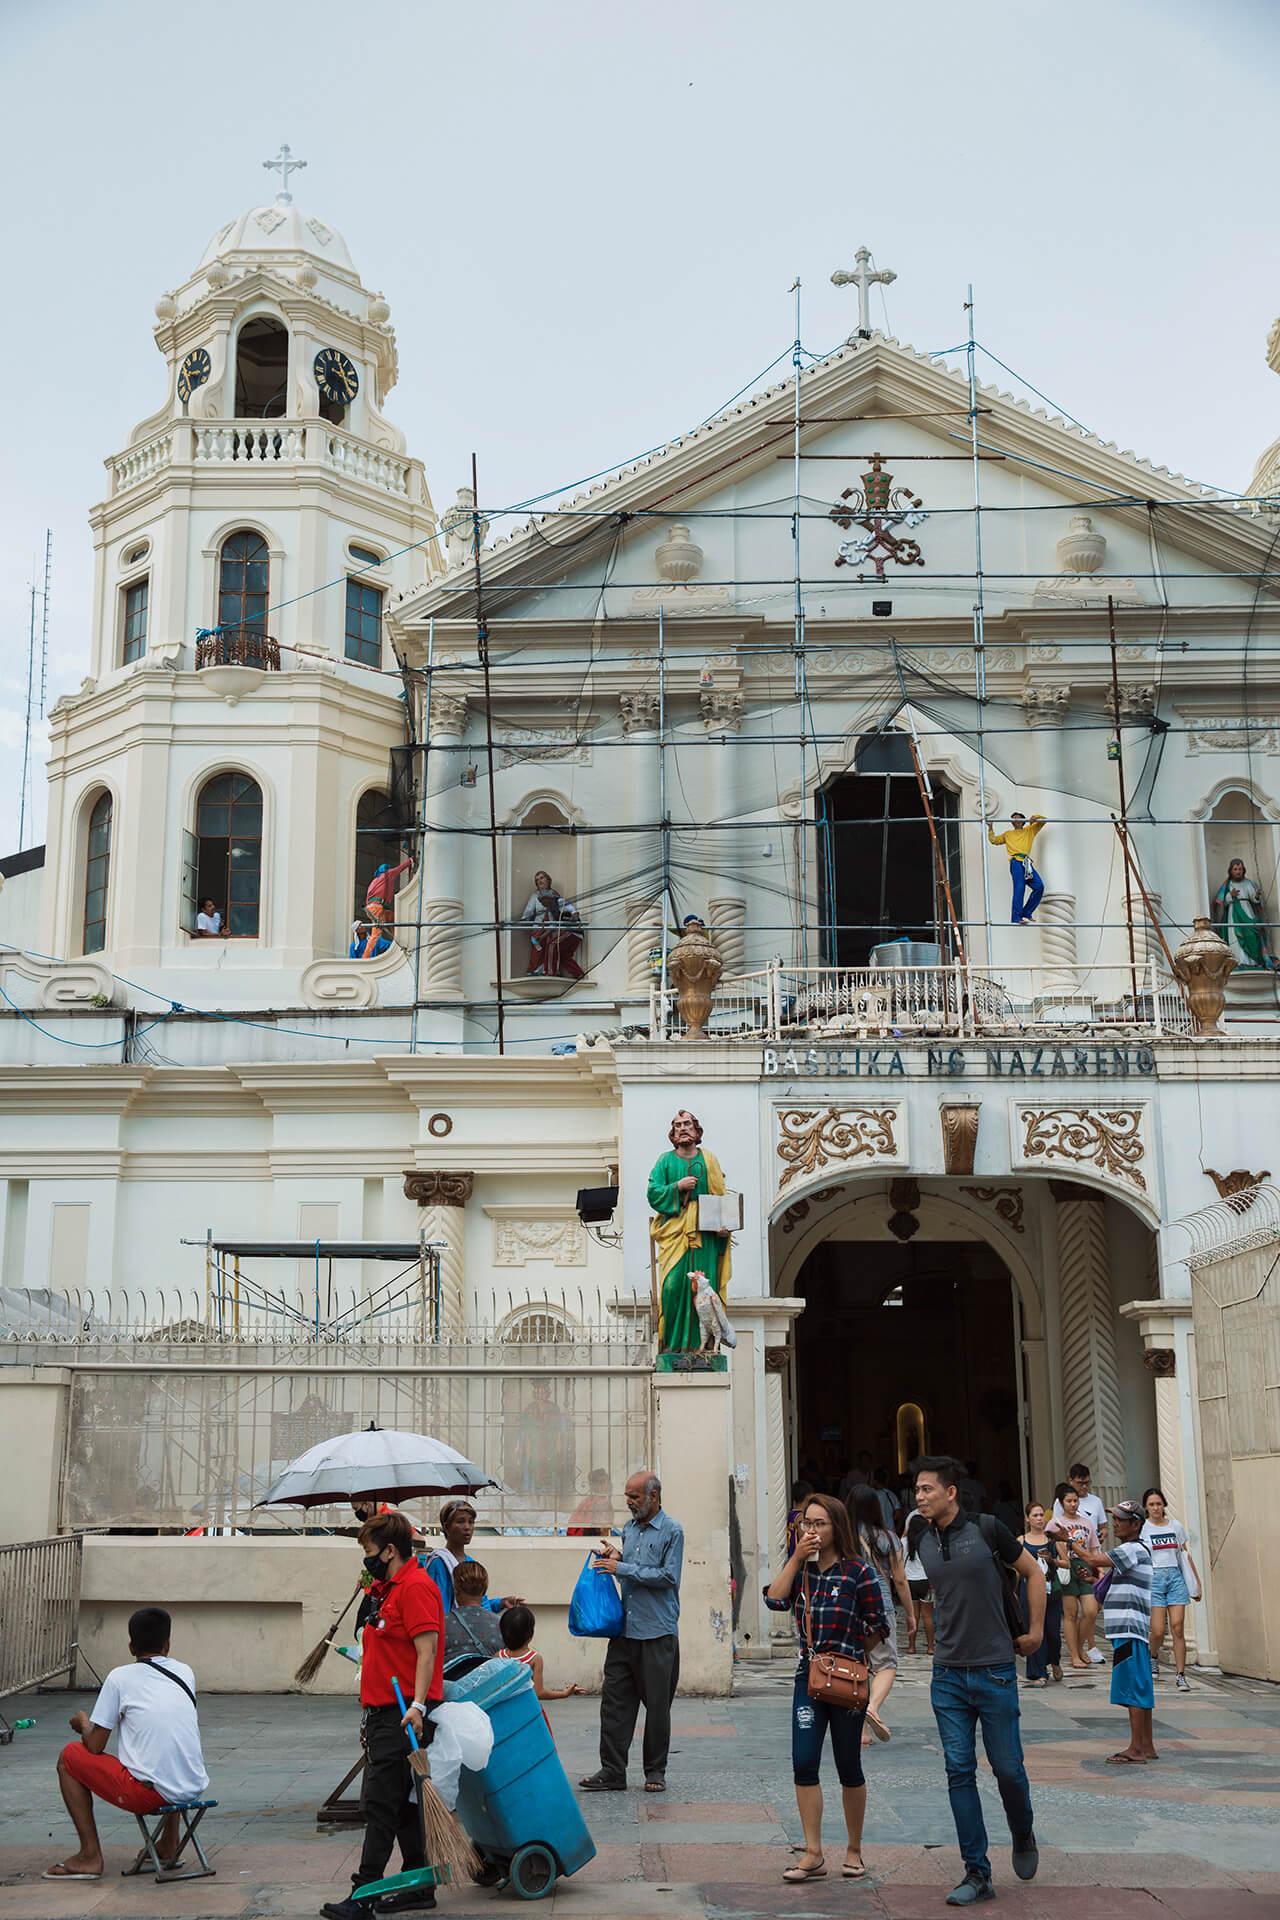 Quiapo Church facade renovation